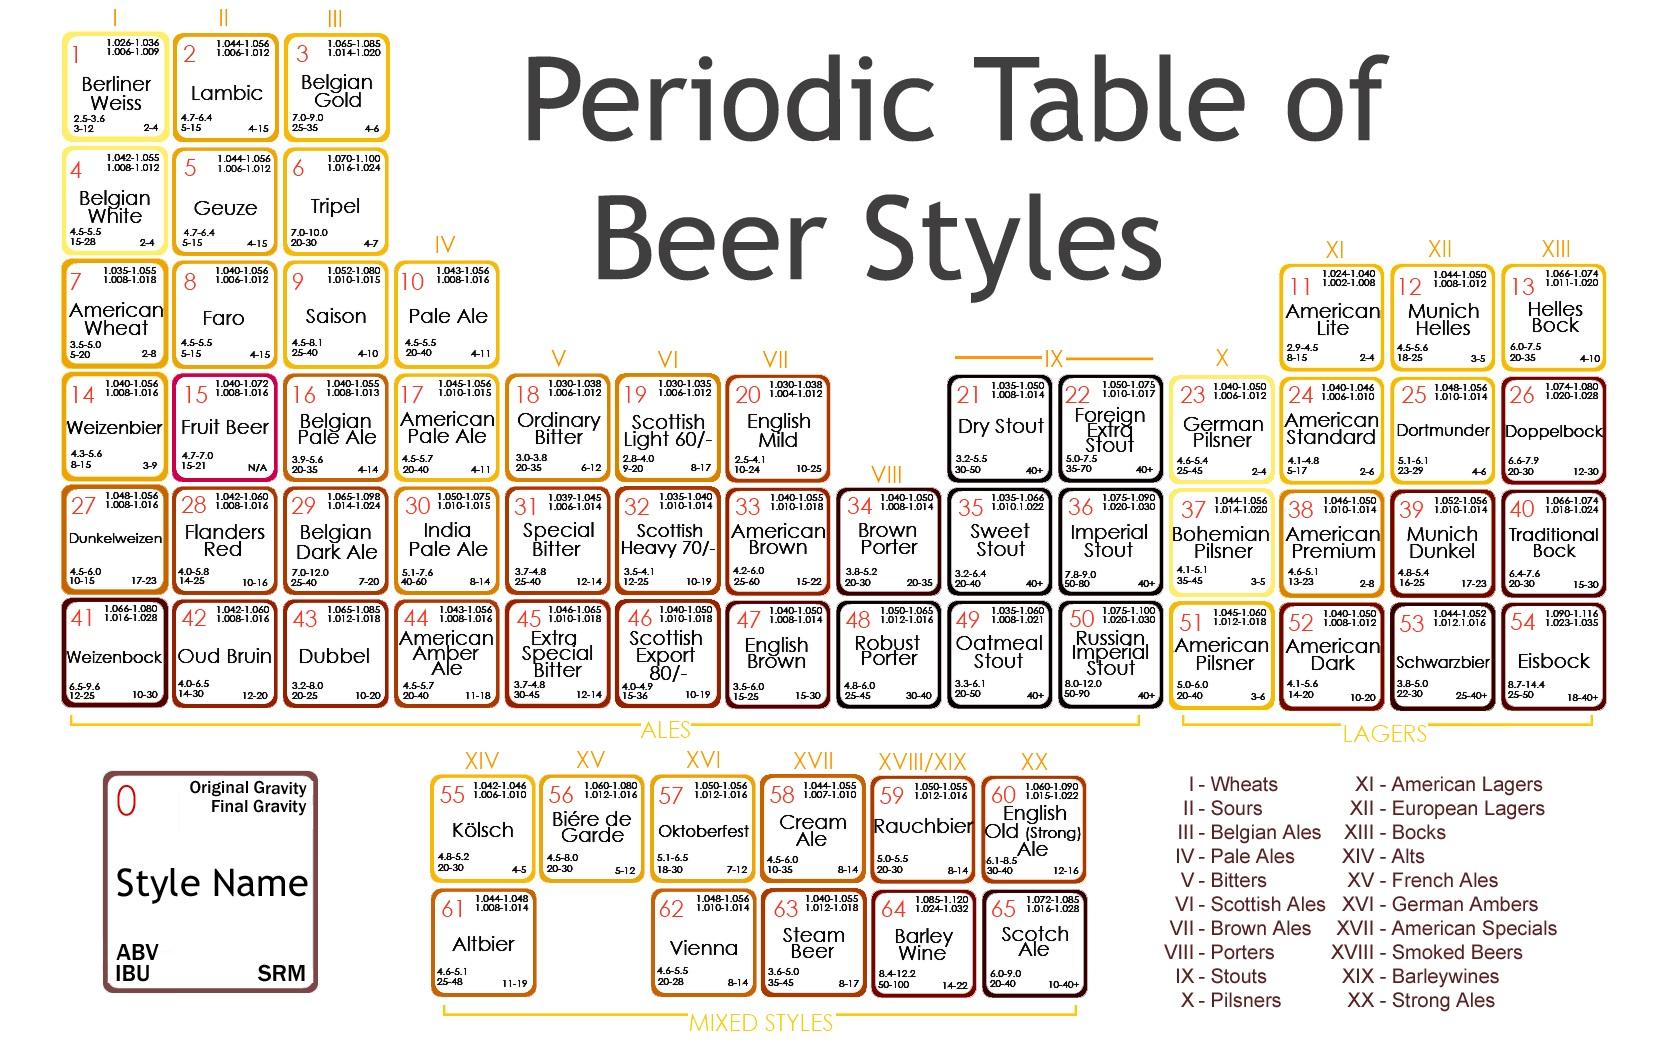 La tavola periodica degli stili birrari